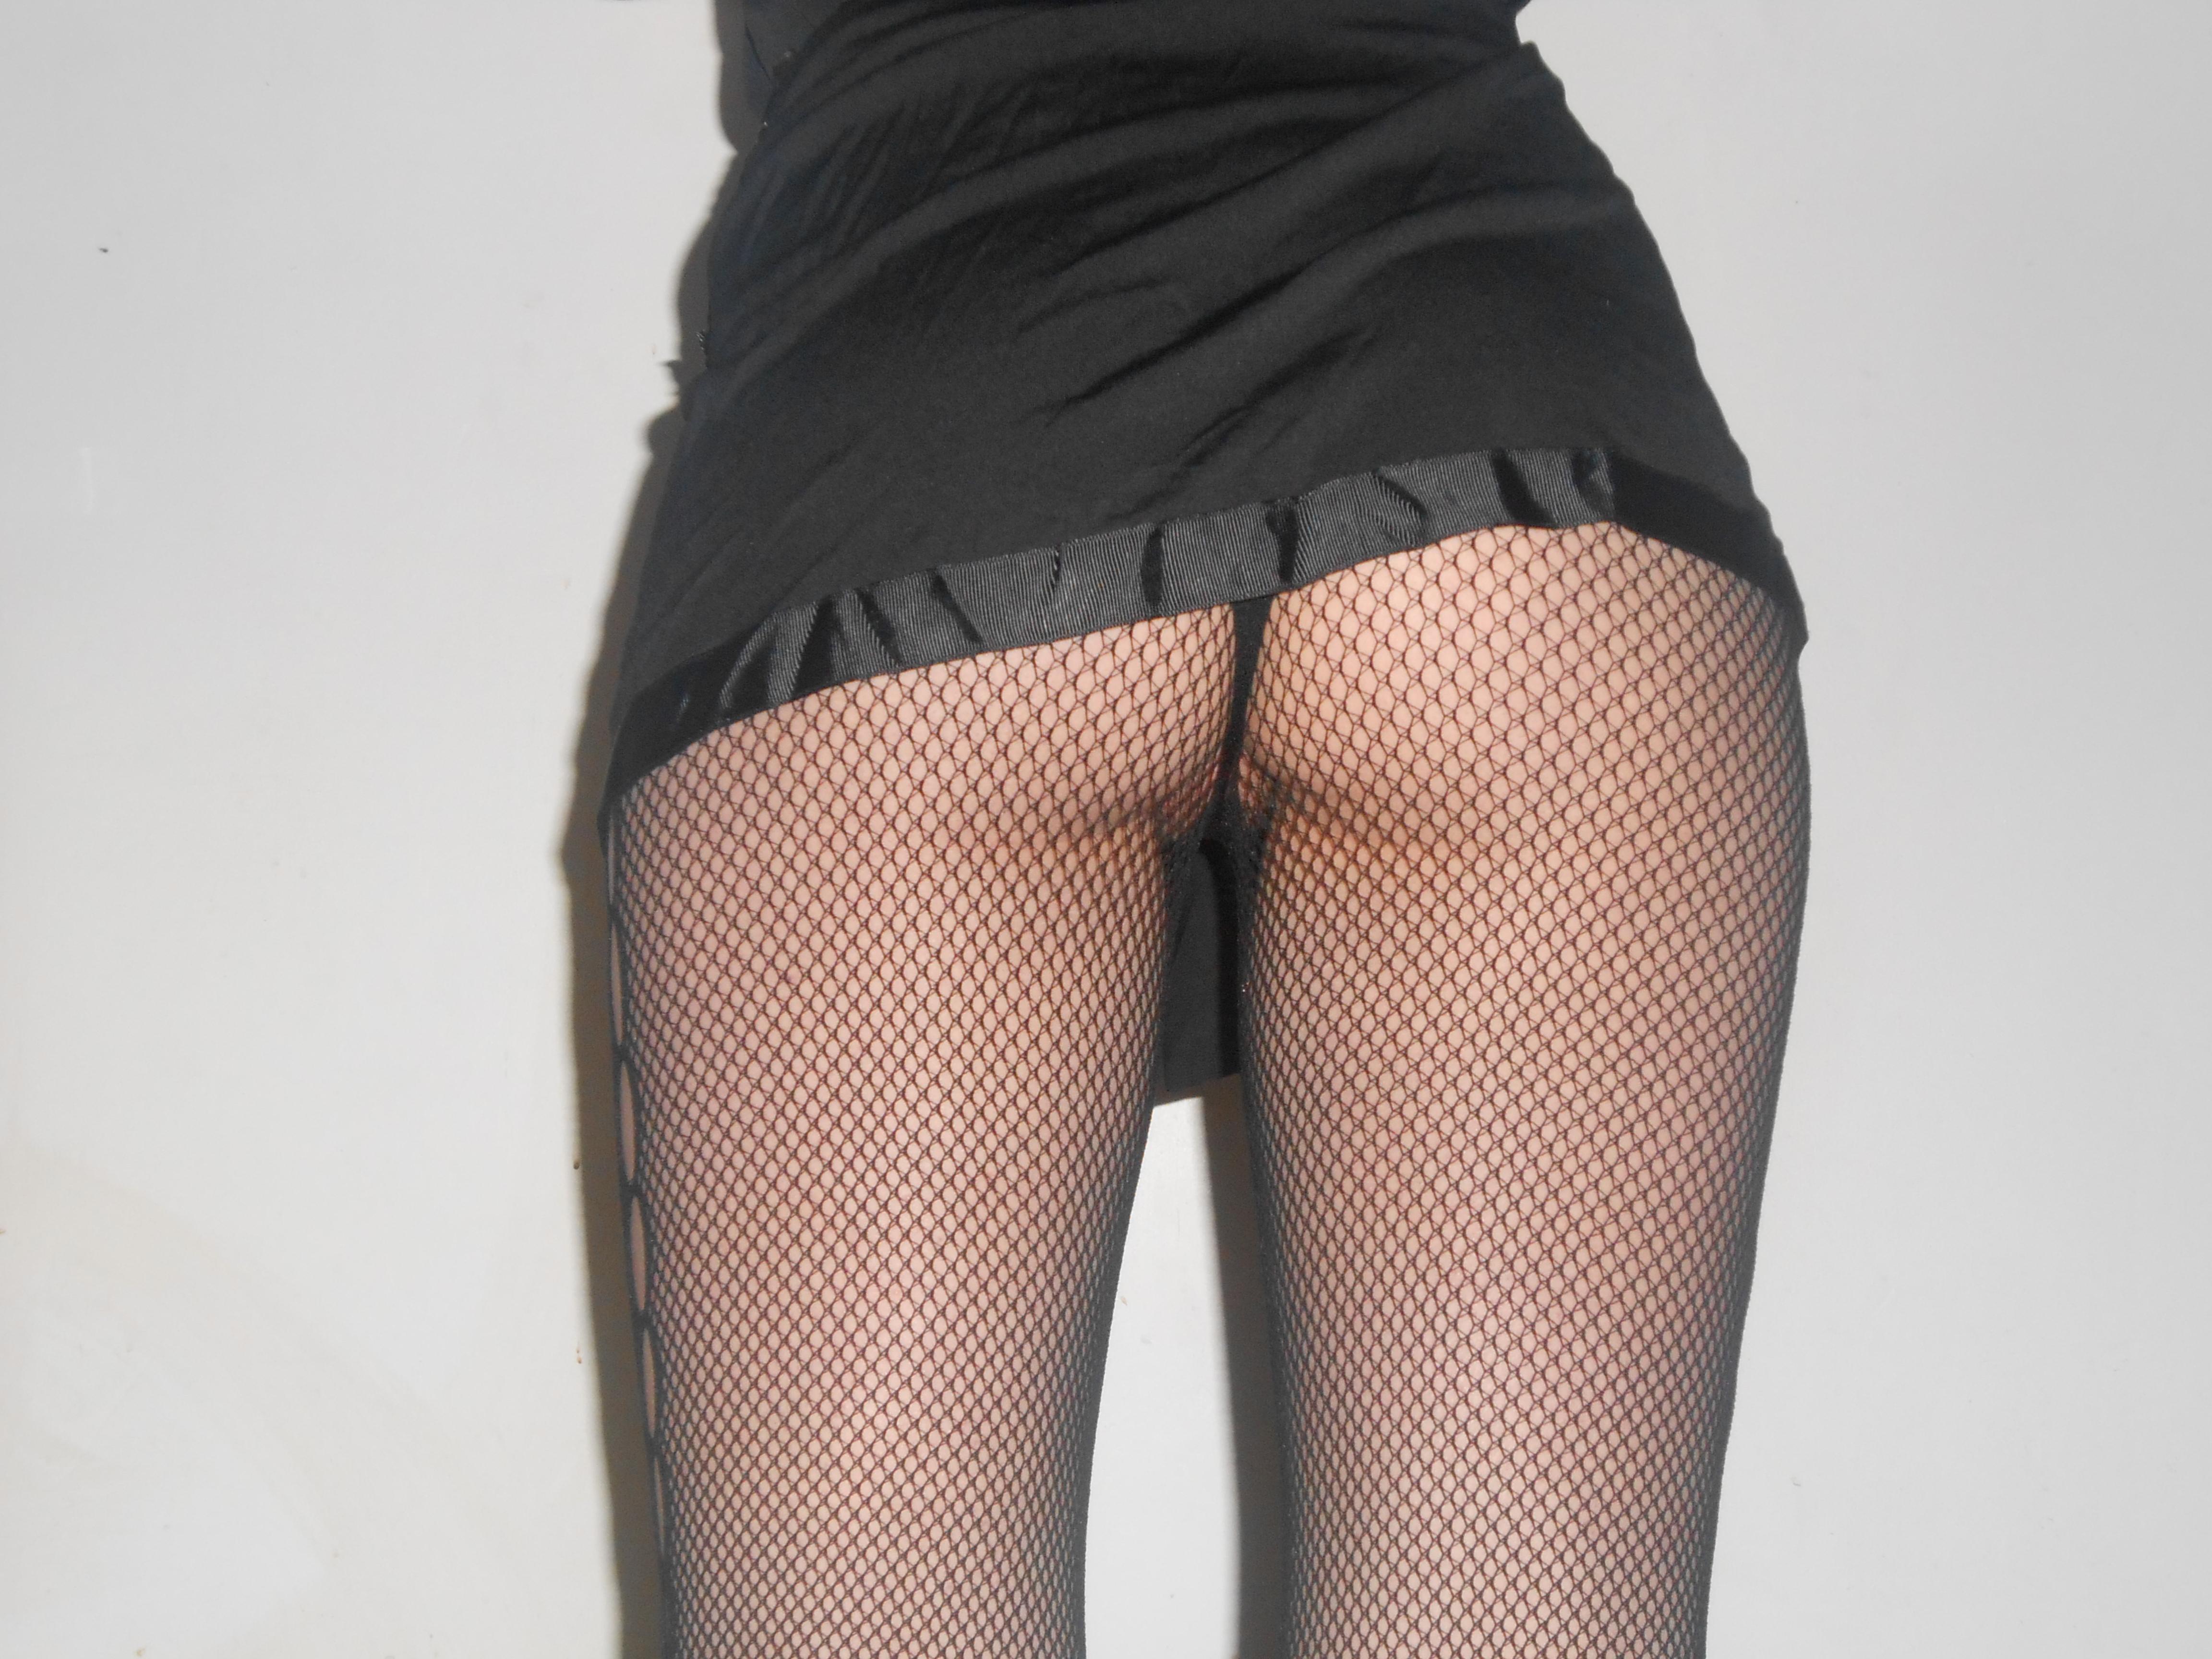 Vestido y medias negras... (10 puntos)